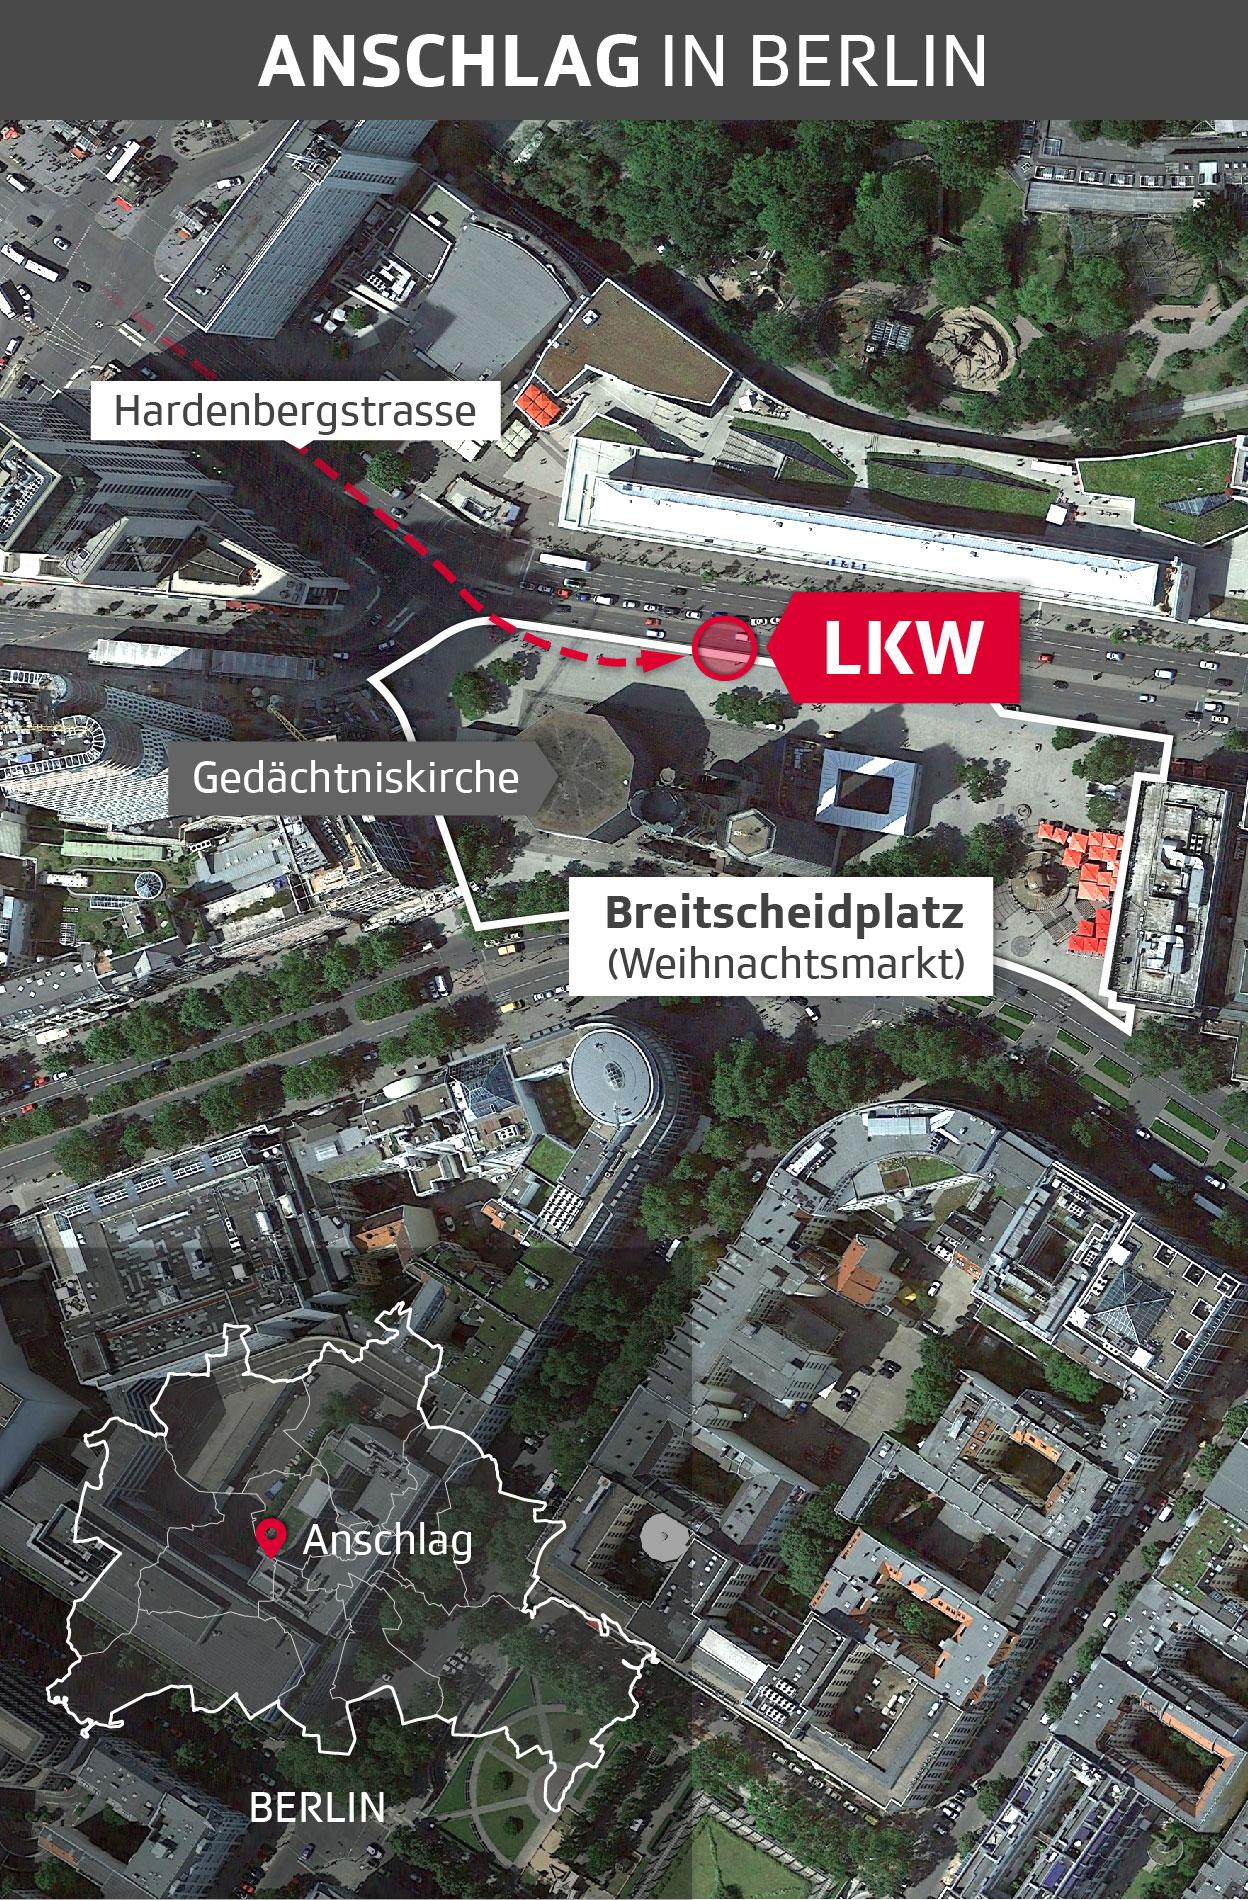 Route LKW Berlin